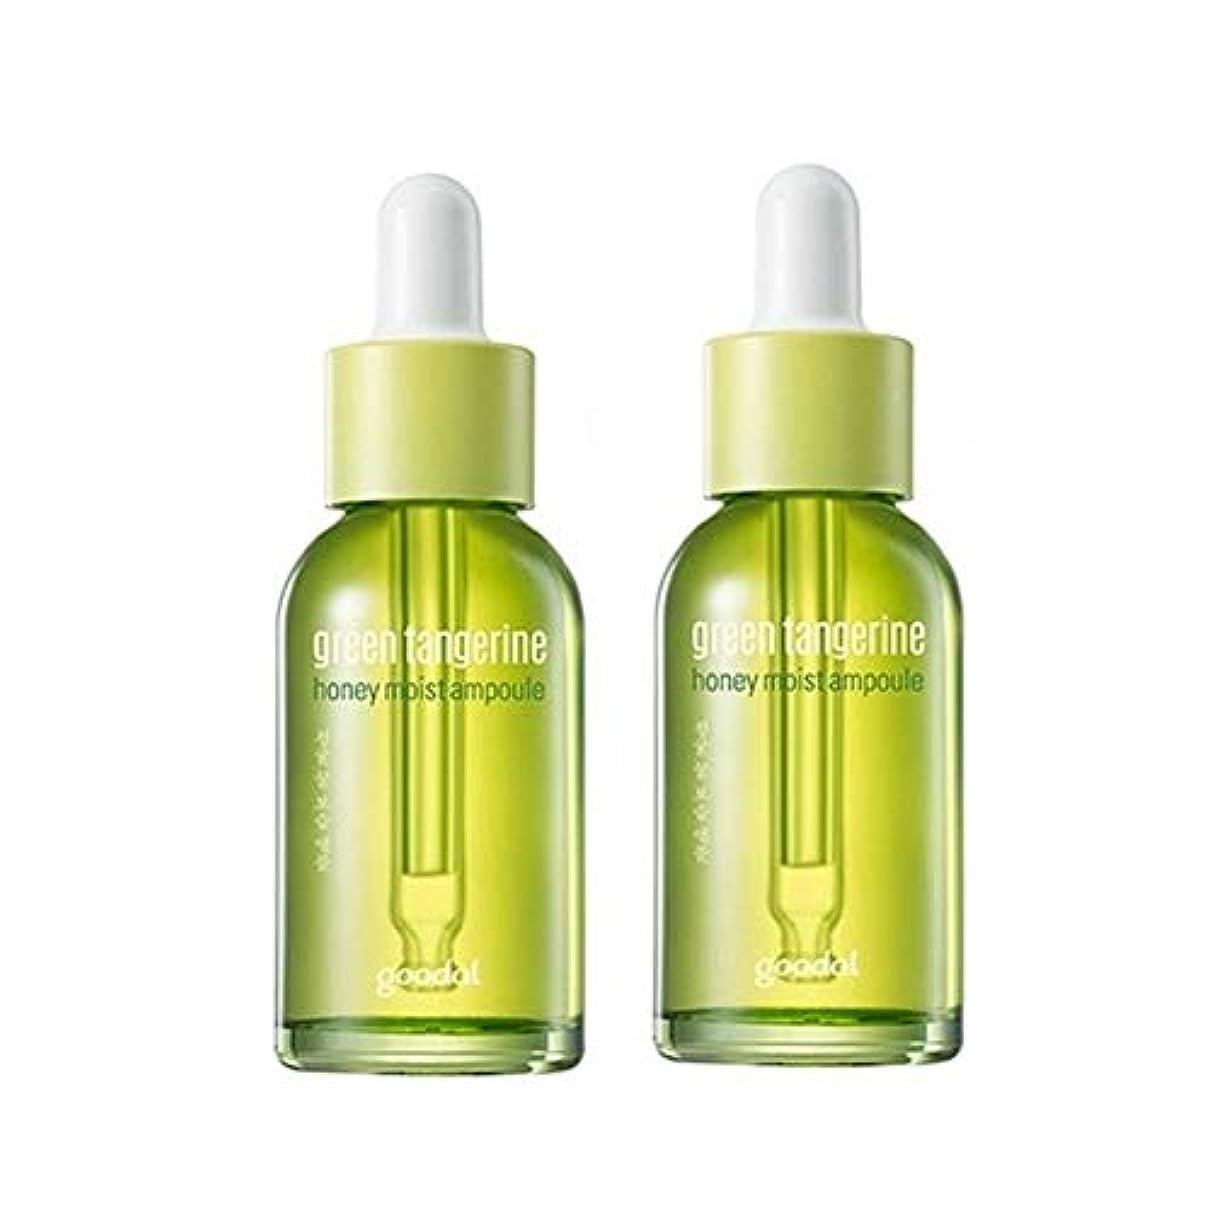 救い急襲カテナグドール青みかん蜂蜜保湿アンプル30mlx2本セット韓国コスメ、Goodal Green Tangerine Honey Moist Ampoule 30ml x 2ea Set Korean Cosmetics [並行輸入品]